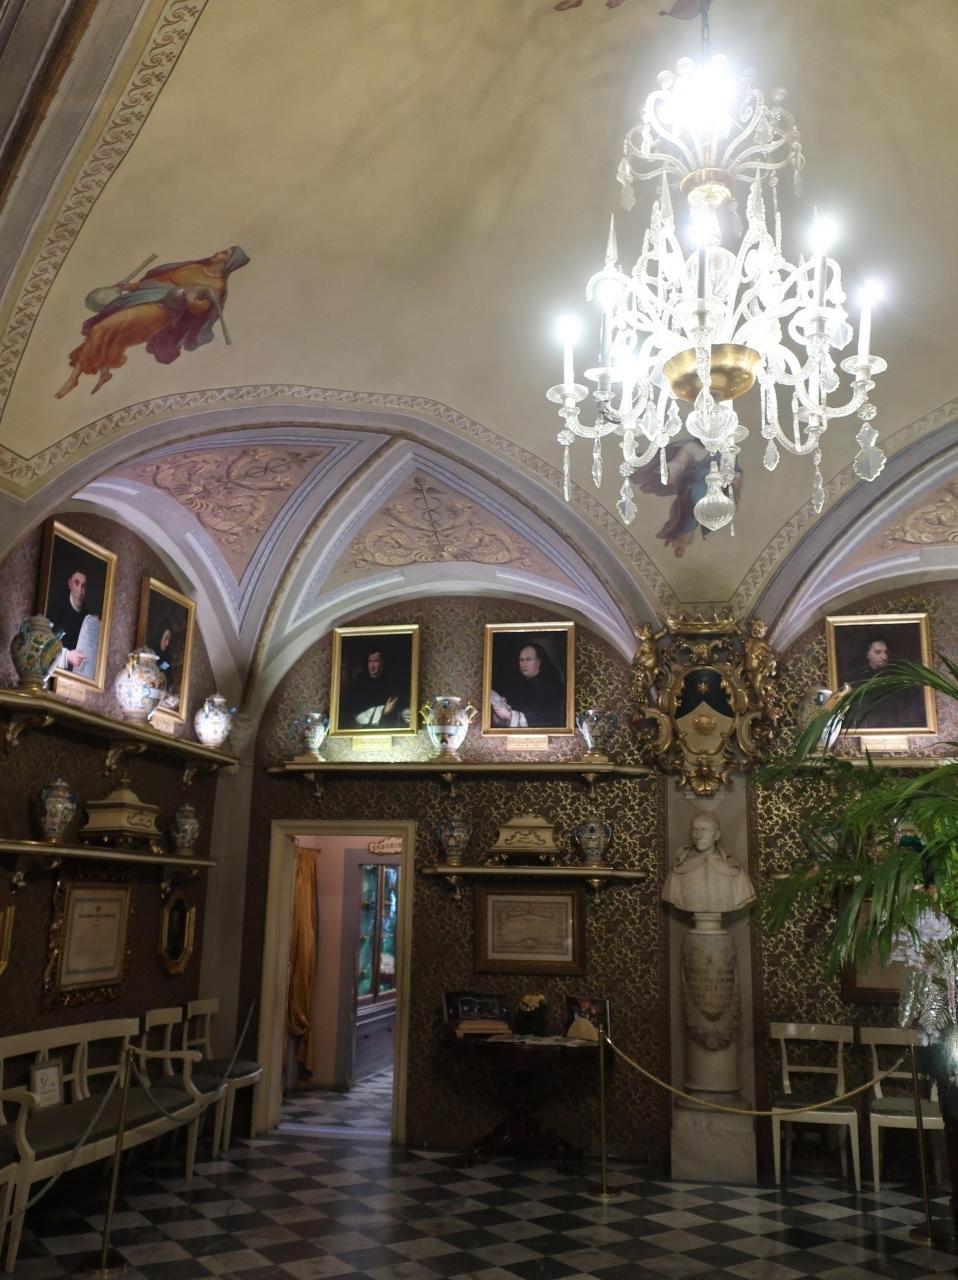 まずは駅から近いサンタマリアノヴェッラ薬局へ避難。  以前来たときは存在を知らなかった。 というより先週まで知りませんでした。  ちょうど銀座三越で ポップアップでサンタマリアノヴェッラの紹介をしていて それじゃ行ってみようかと来てみたわけです。  薬局とは思えない。まるで宮殿?博物館?